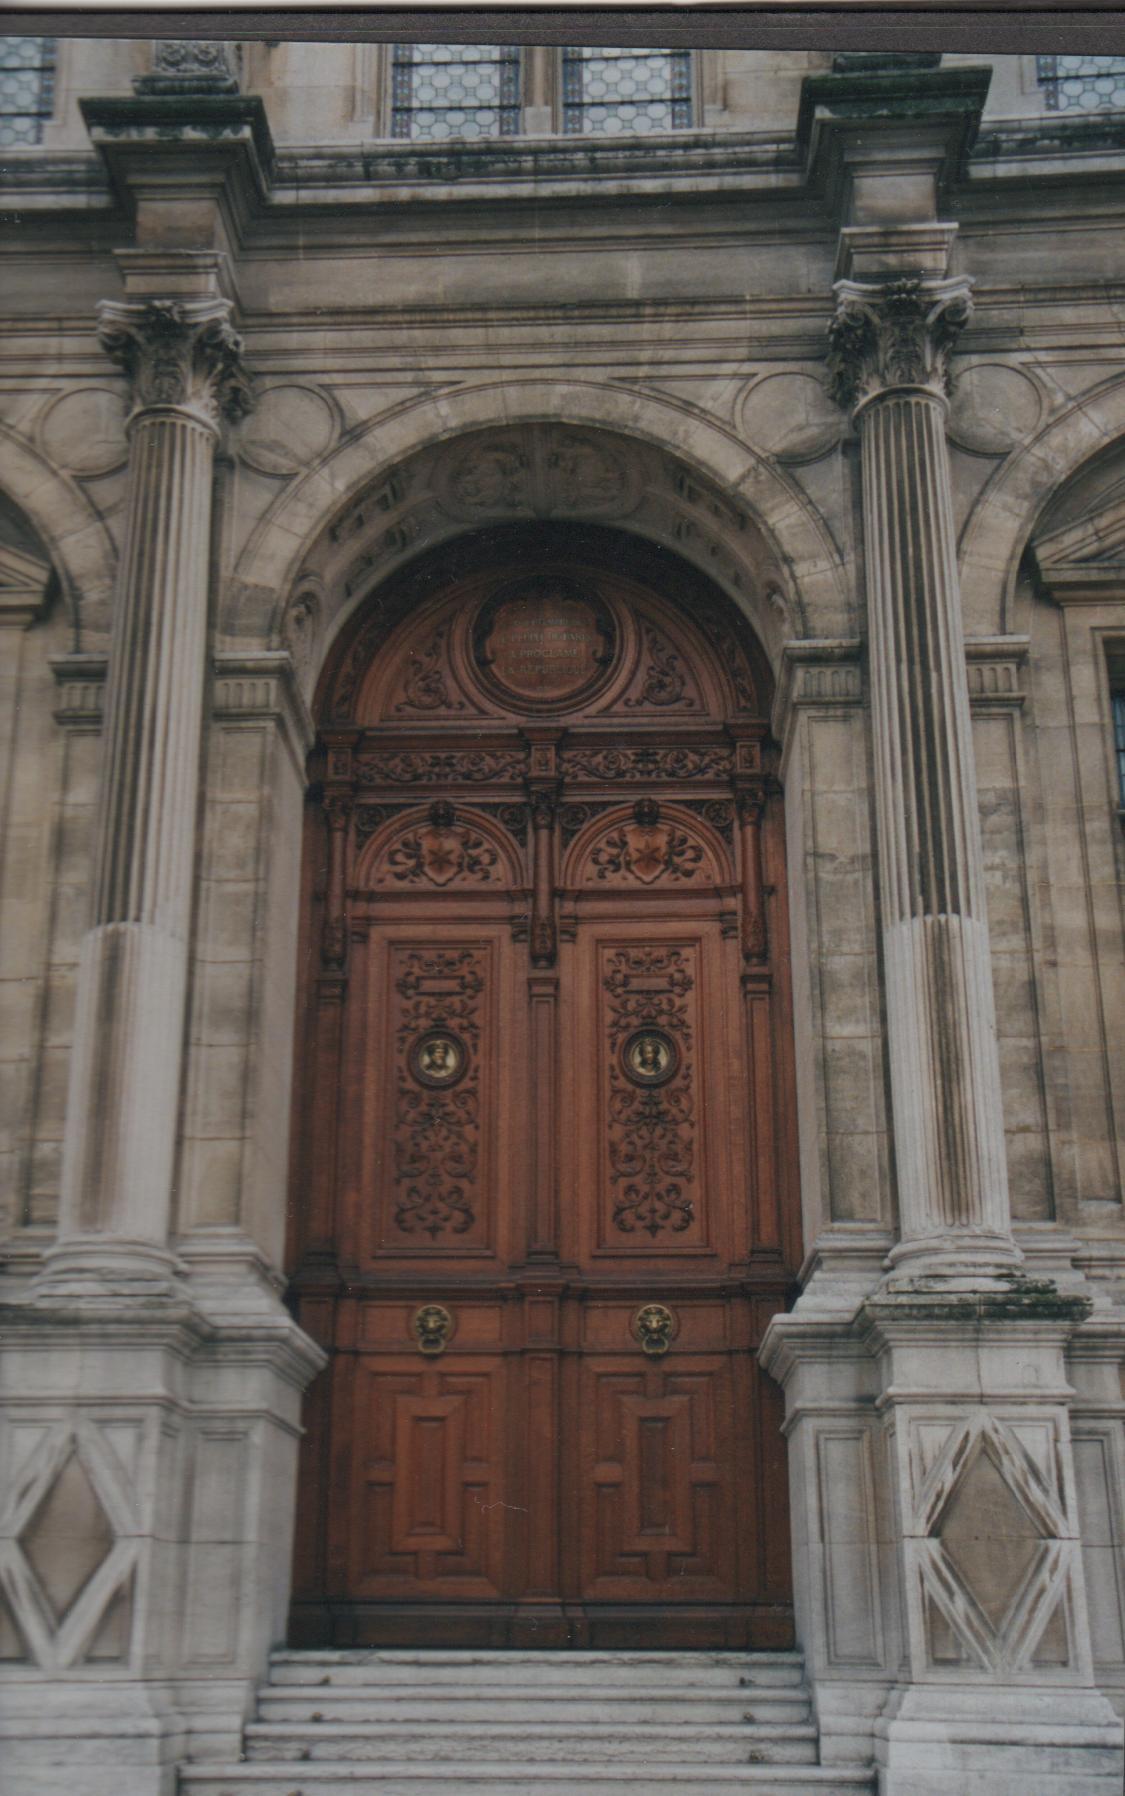 paris door, paris architecture, france, classic architecture